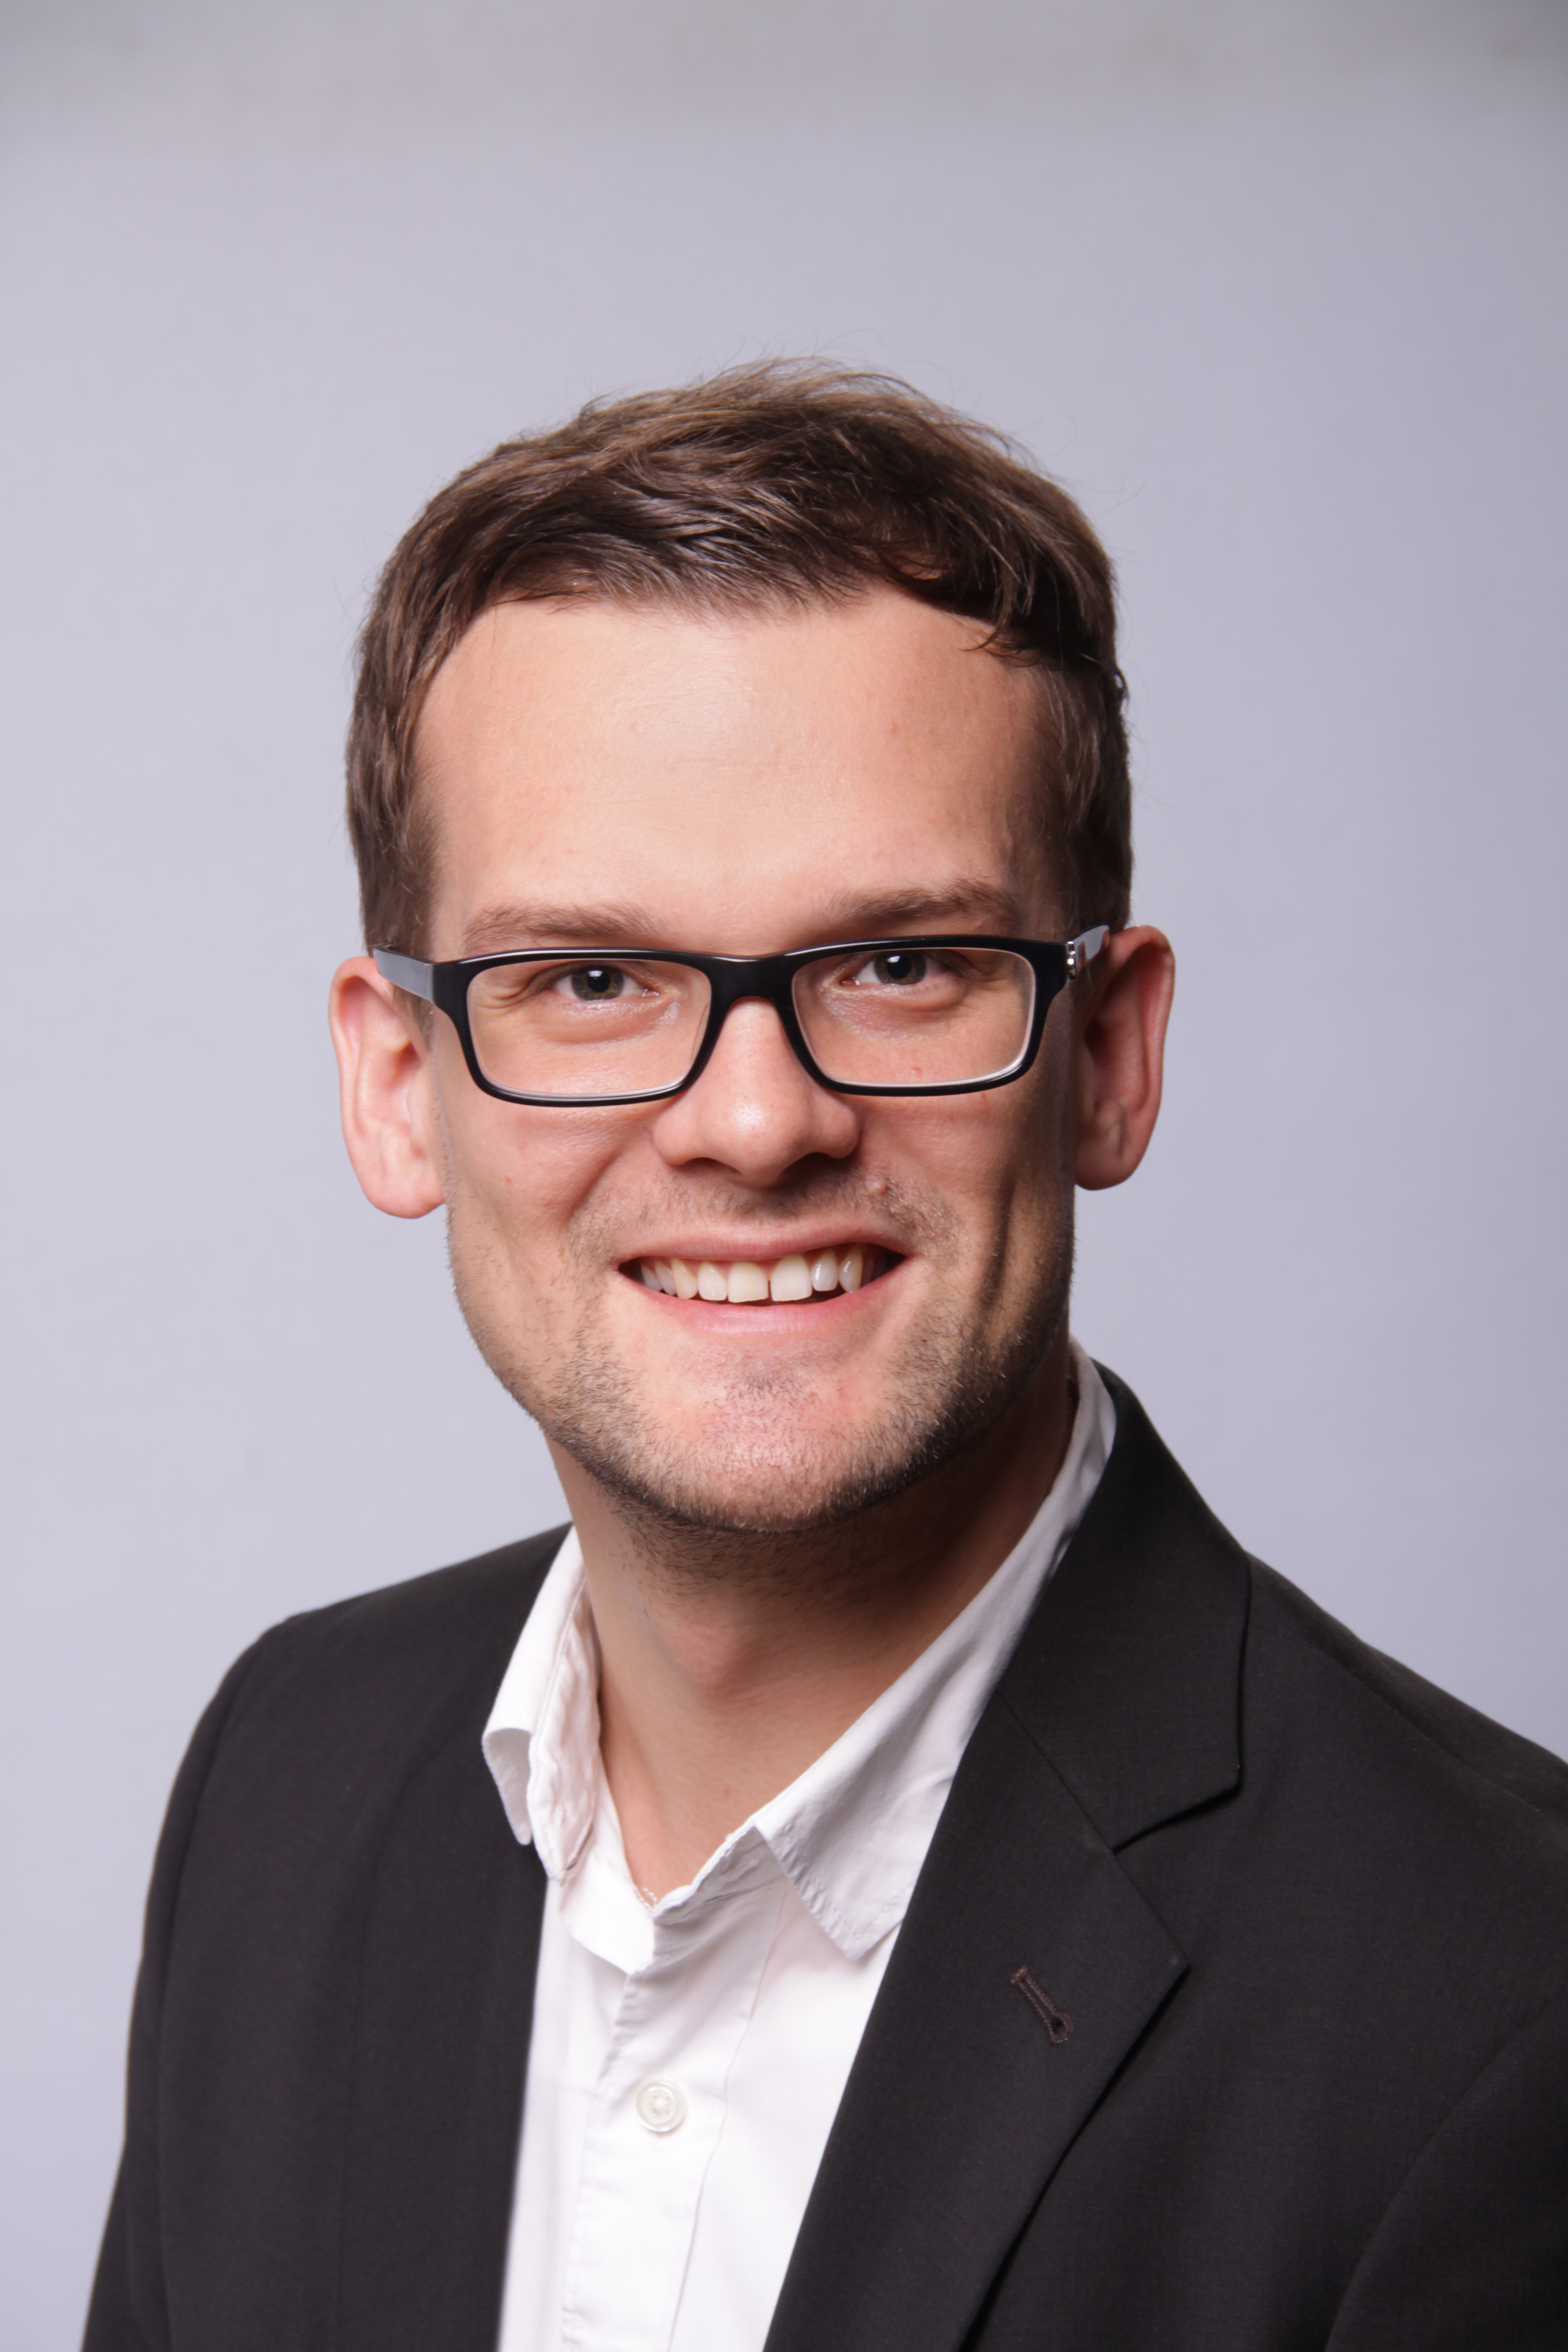 """News - Central: Florian Haidn, Head of Sales & Marketing bei Aaronn Electronic:  """"Auch in Zukunft wird Aaronn als wendiges Schnellboot agieren und Projekte egal ob groß oder klein schnell, flexibel und proaktiv bewältigen. Trotz stetigen Wachstums werden wir im Mittelpunkt unseres Handelns immer unsere Kunden haben."""""""